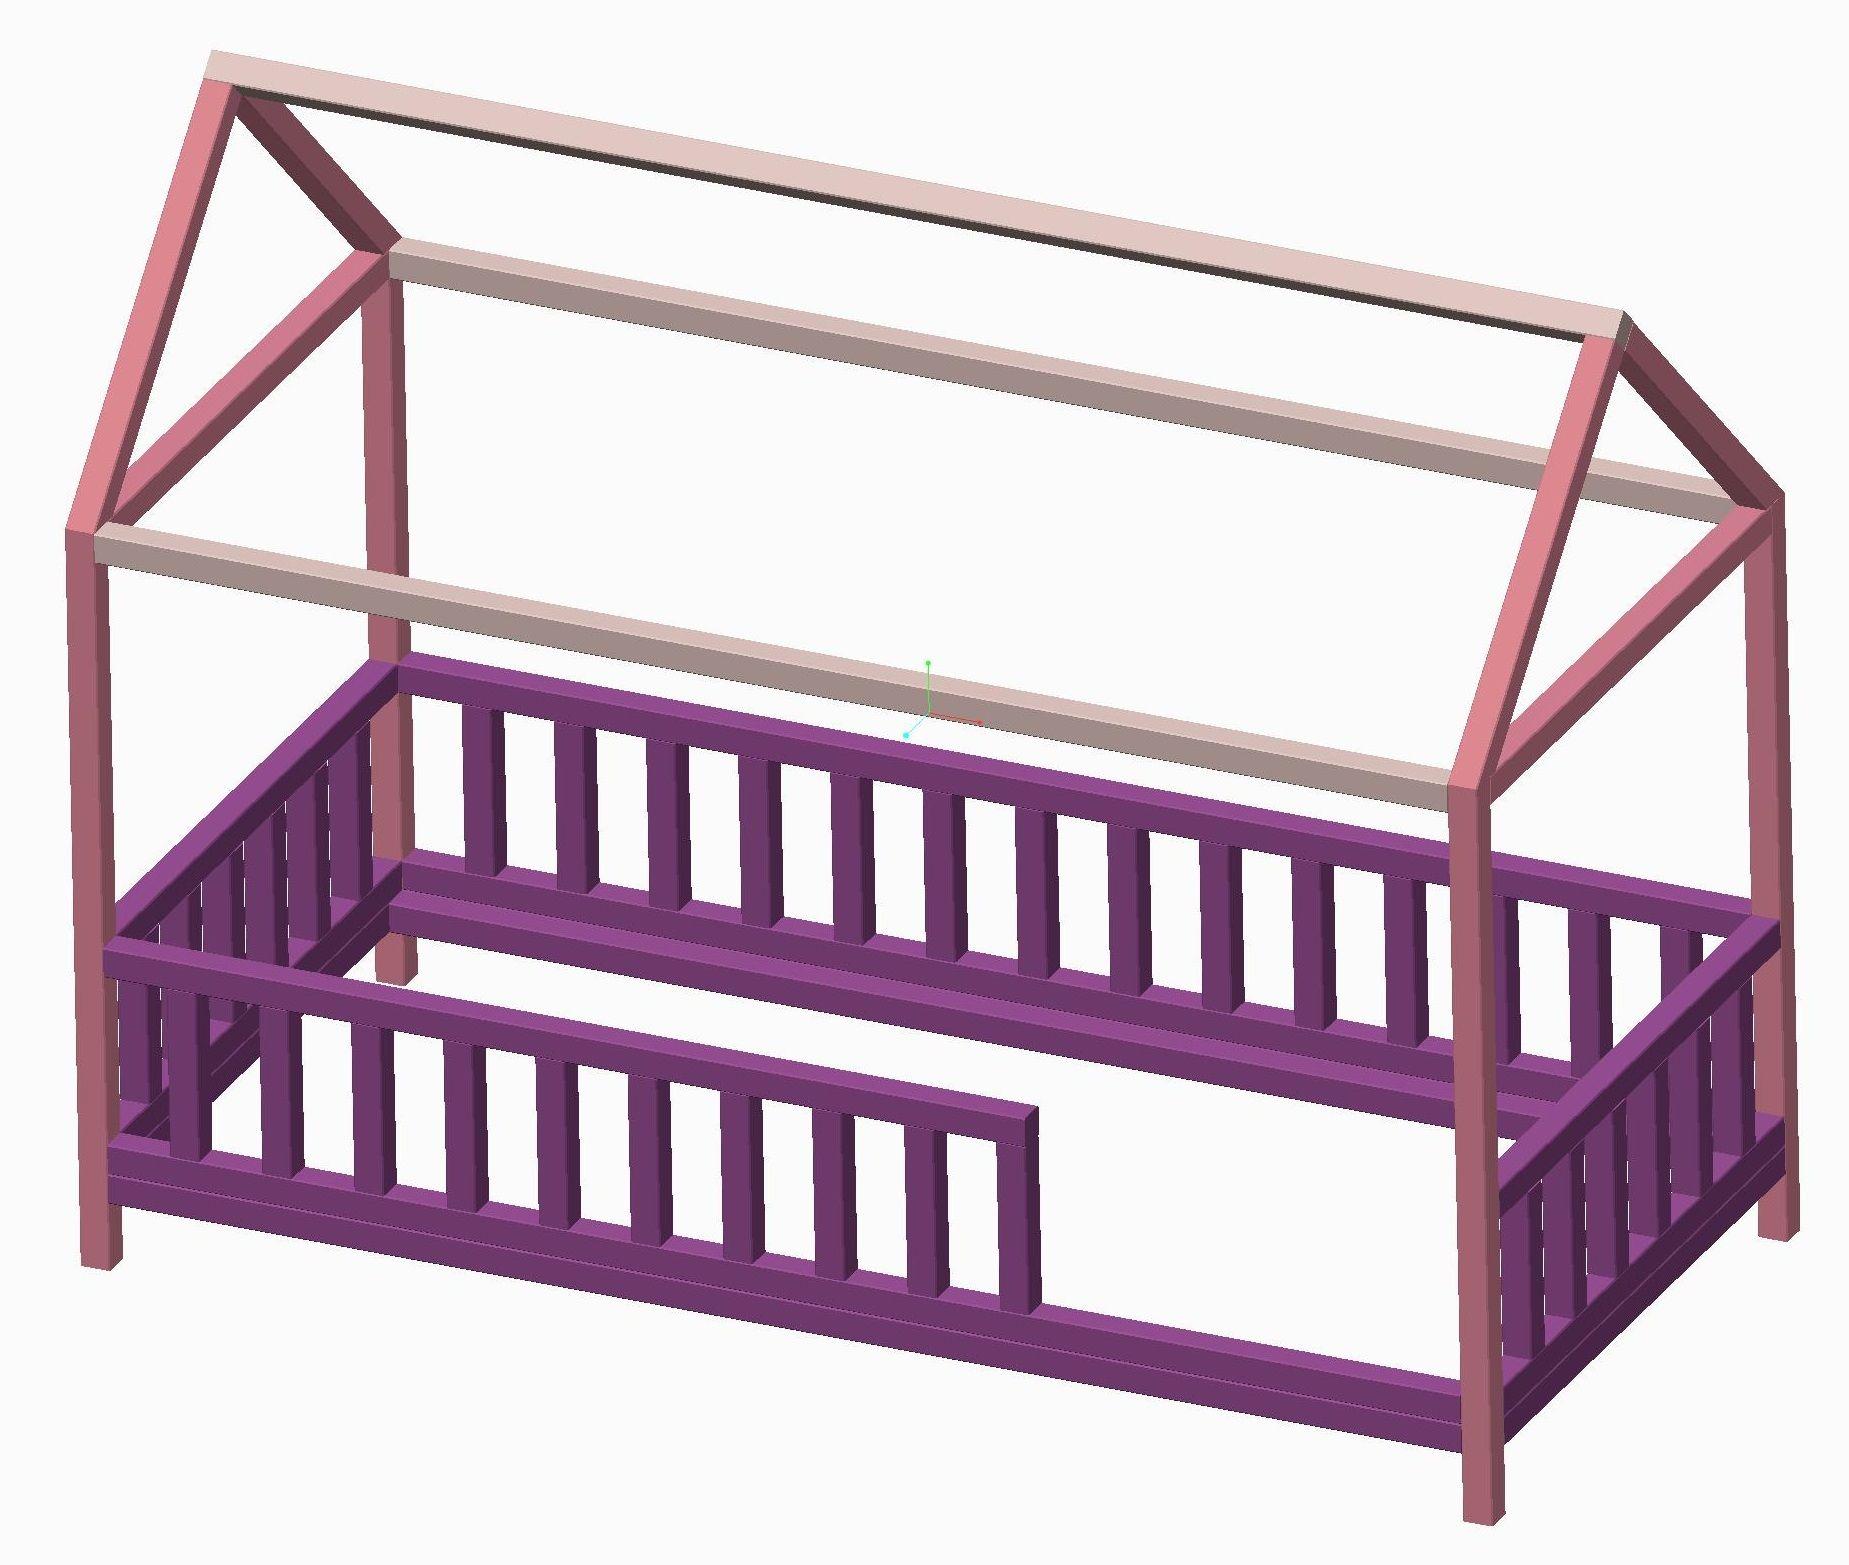 DIY Hausbett für Kinder Kinder bett haus, Kinderbett